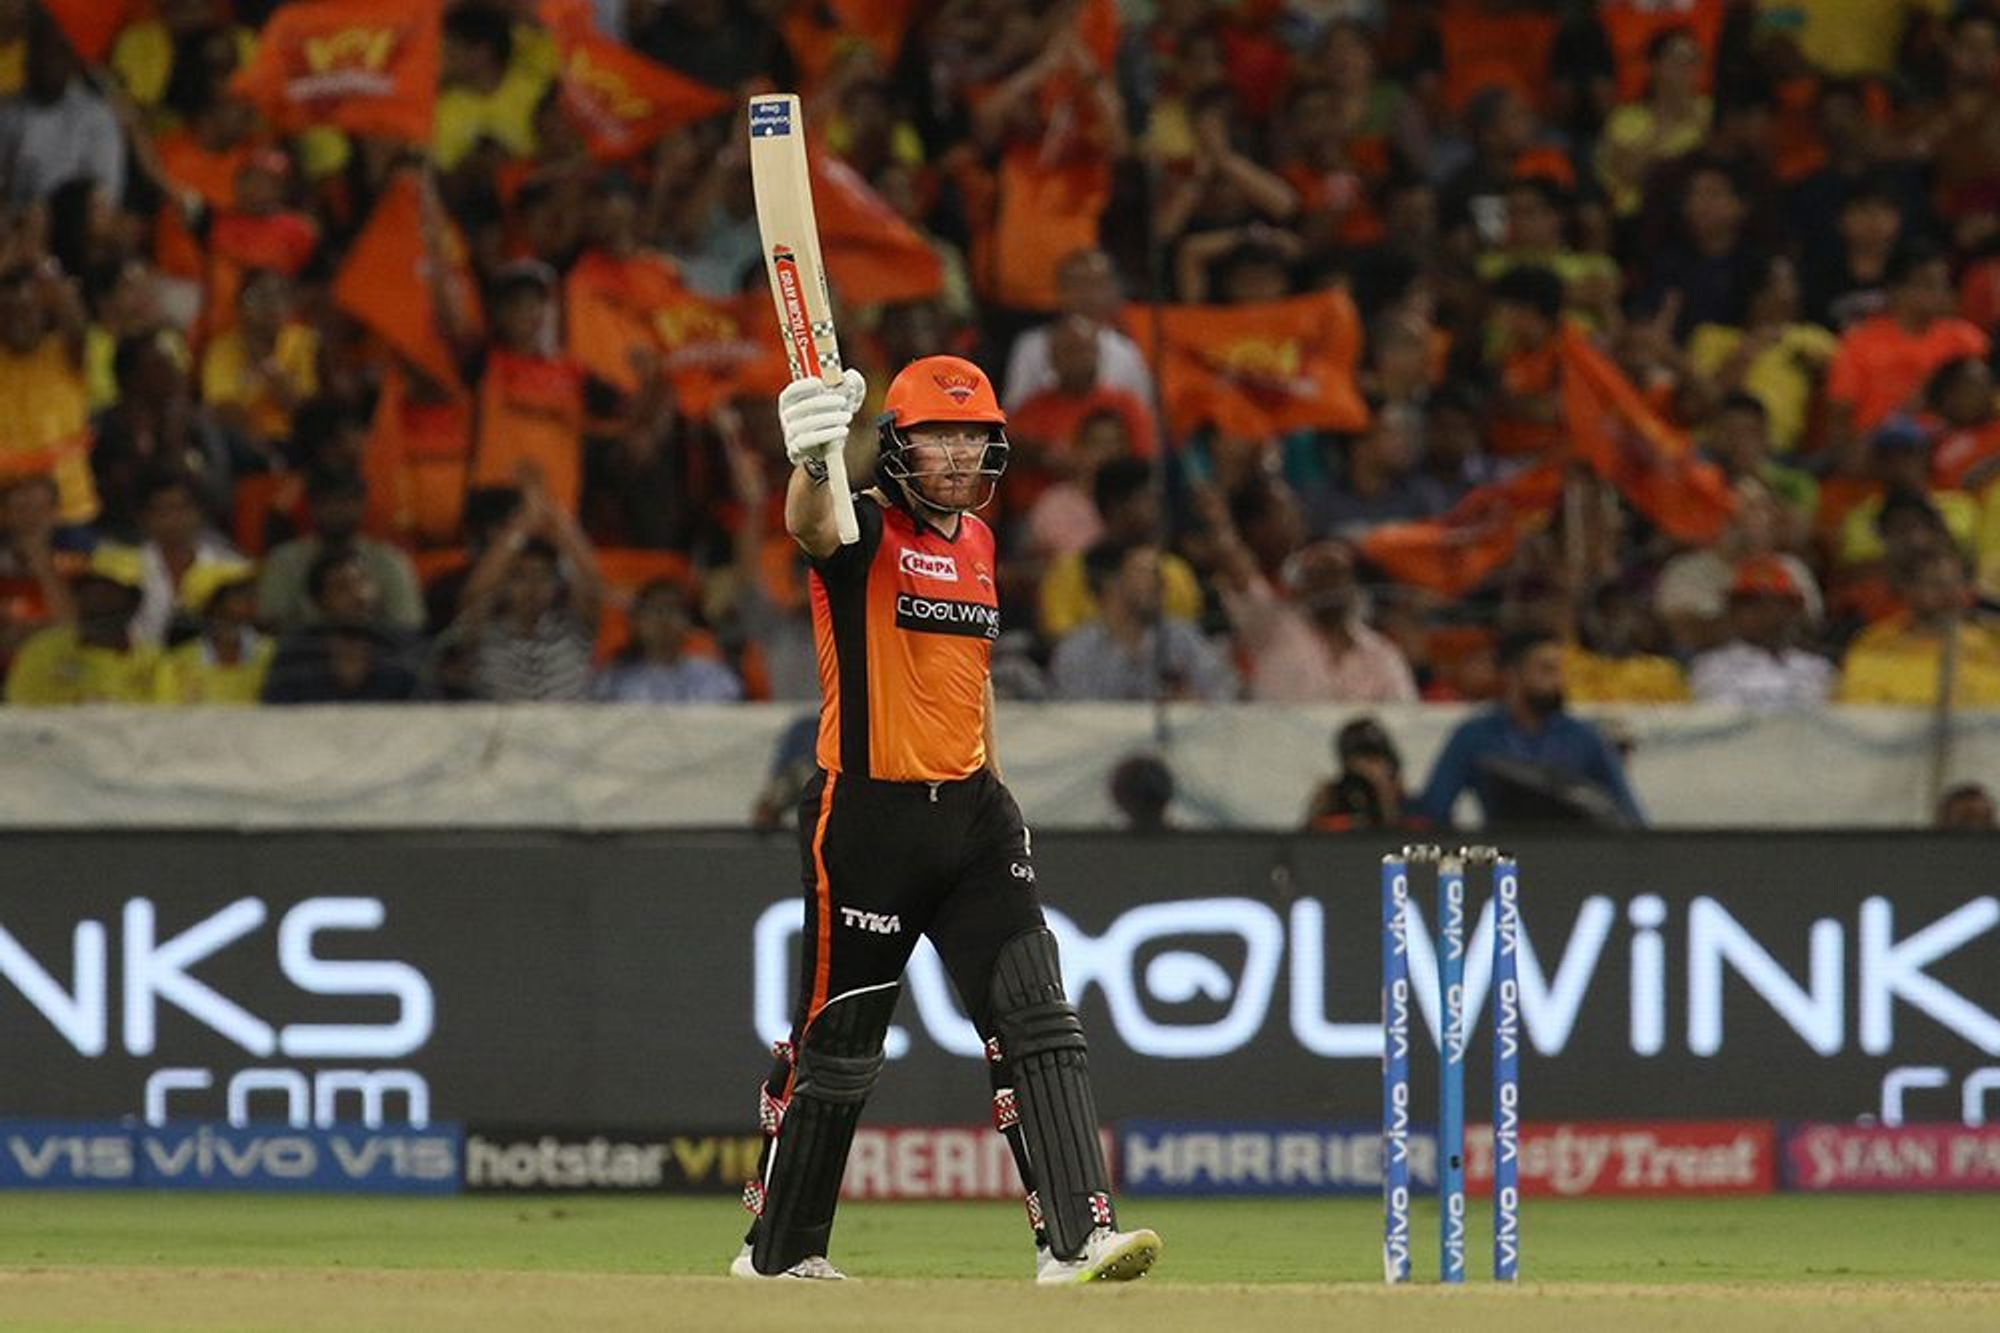 IPL 2019: सनराइजर्स हैदराबाद की टीम को लगा बड़ा झटका, 23 अप्रैल को चला जायेगा ये दिग्गज खिलाड़ी 48